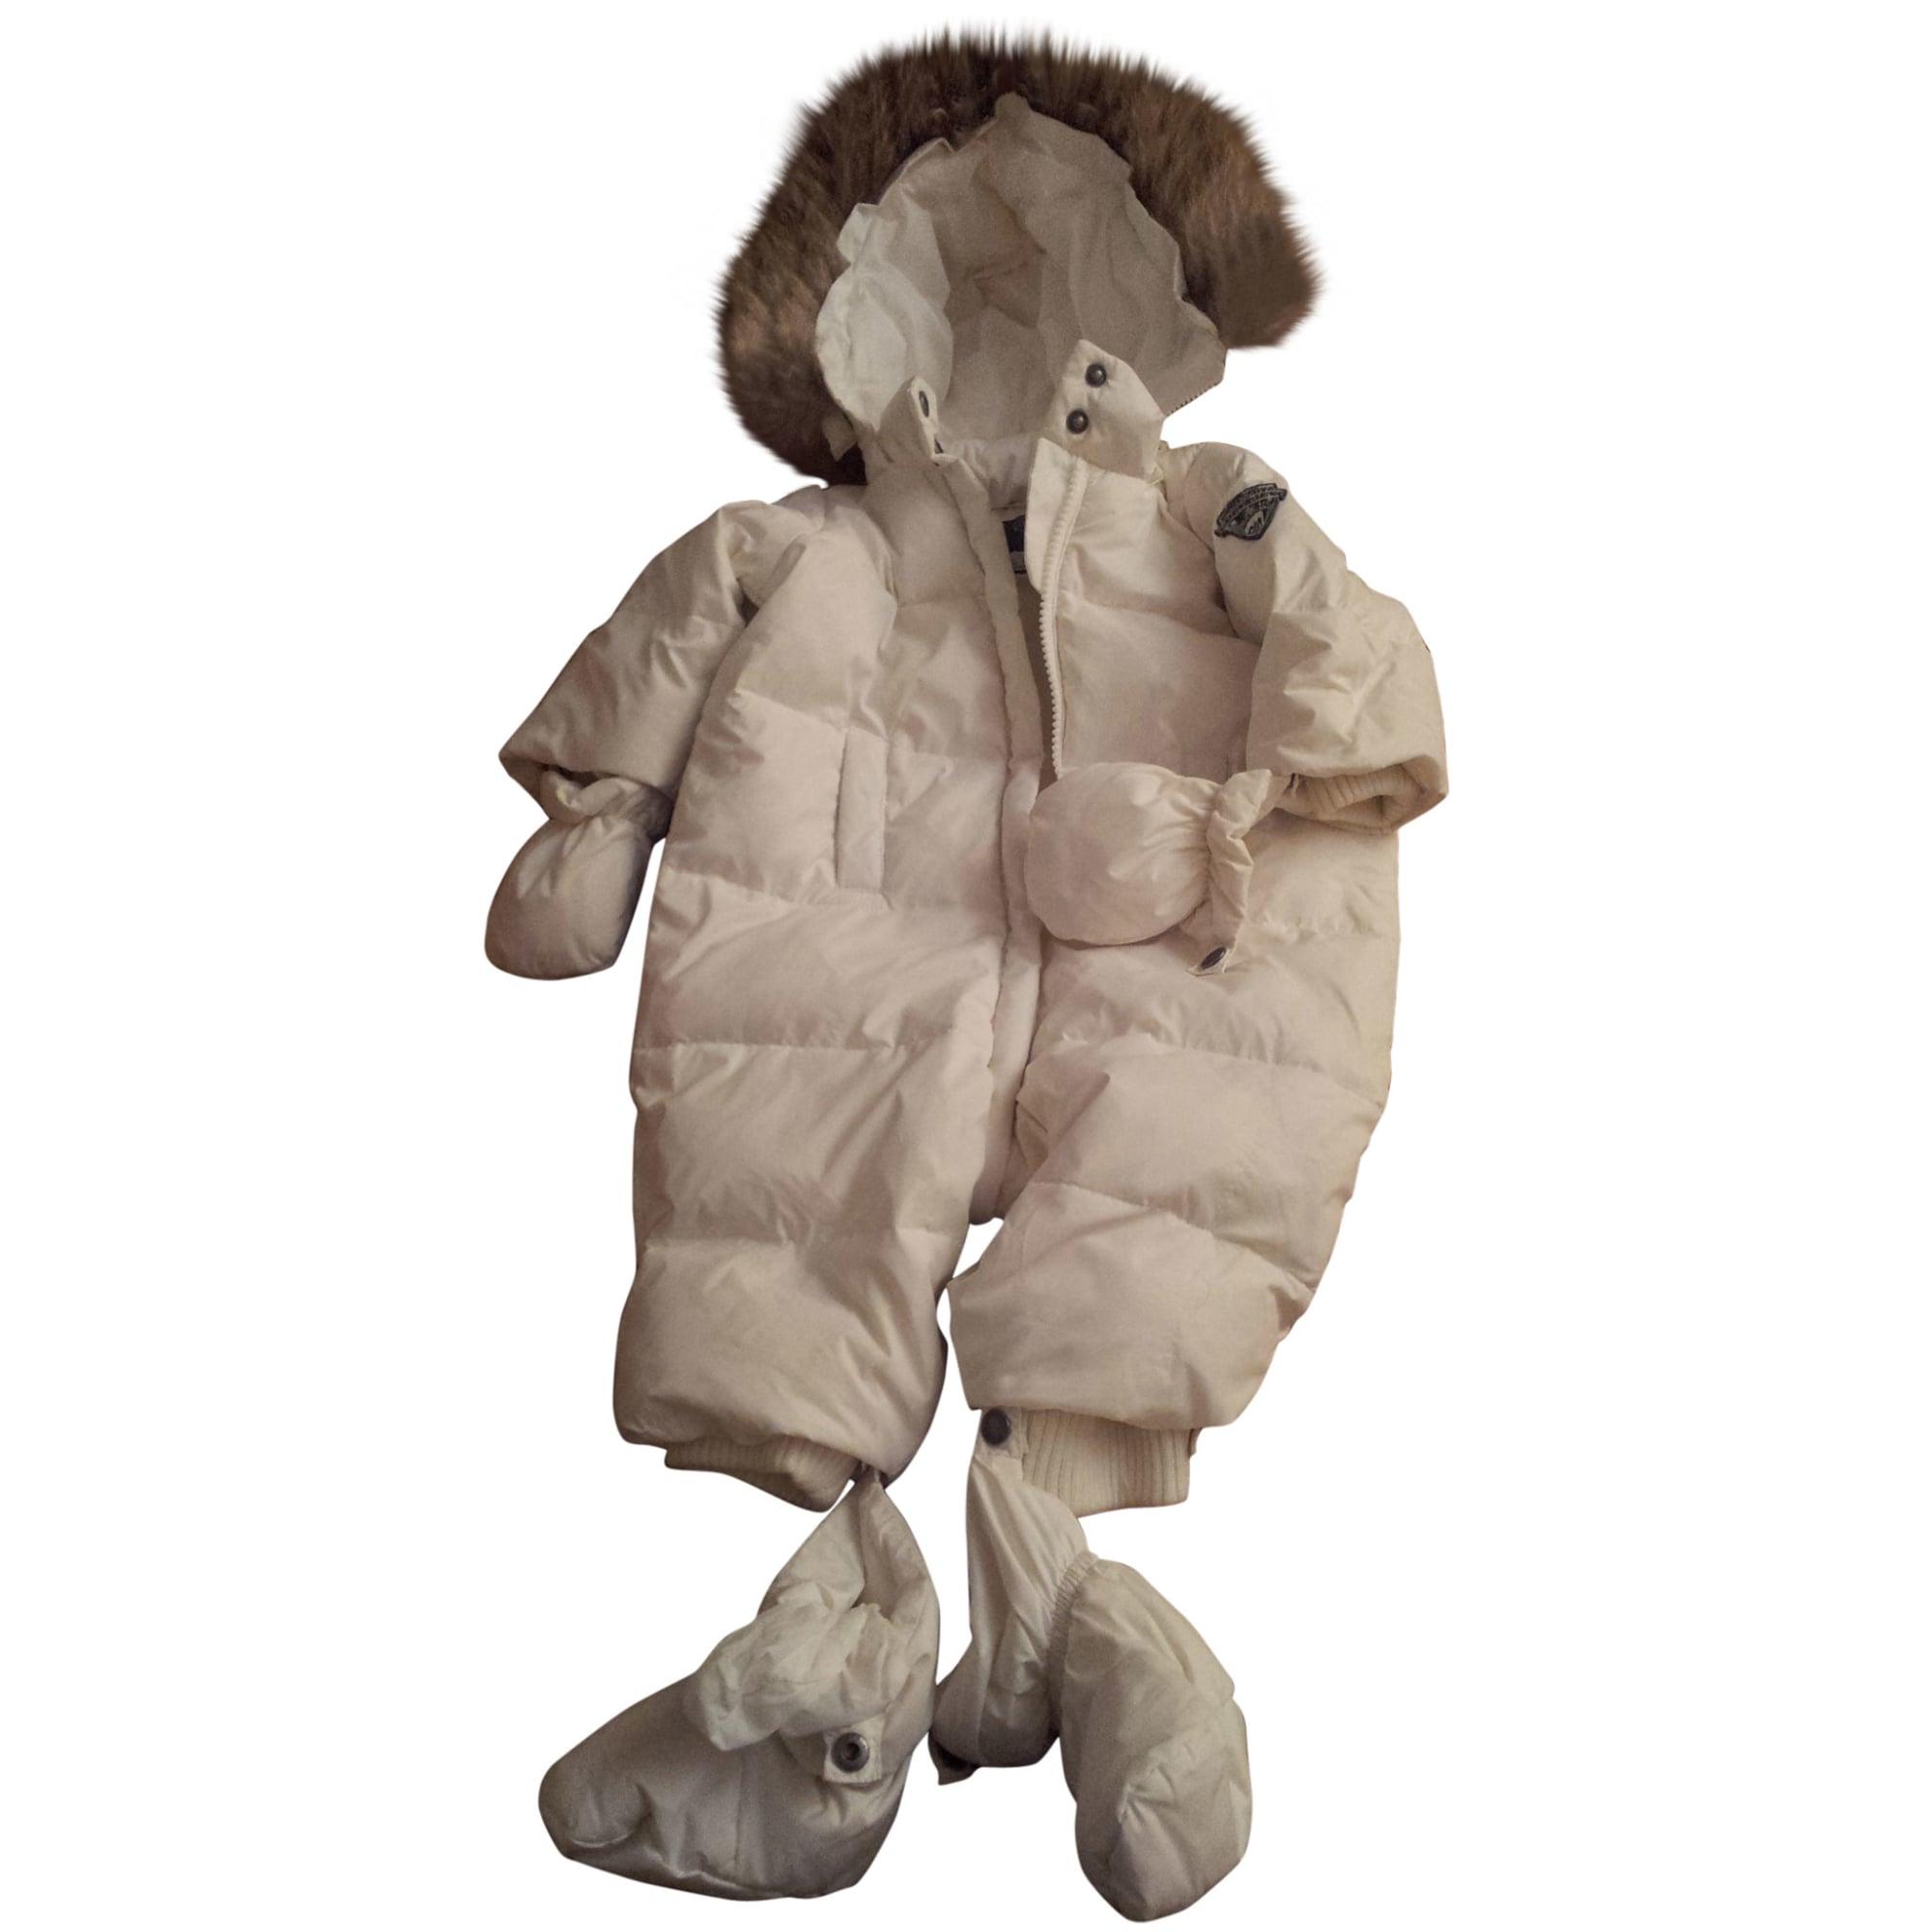 d2830364d Ensemble & Combinaison pantalon BONPOINT 18 mois blanc vendu par ...